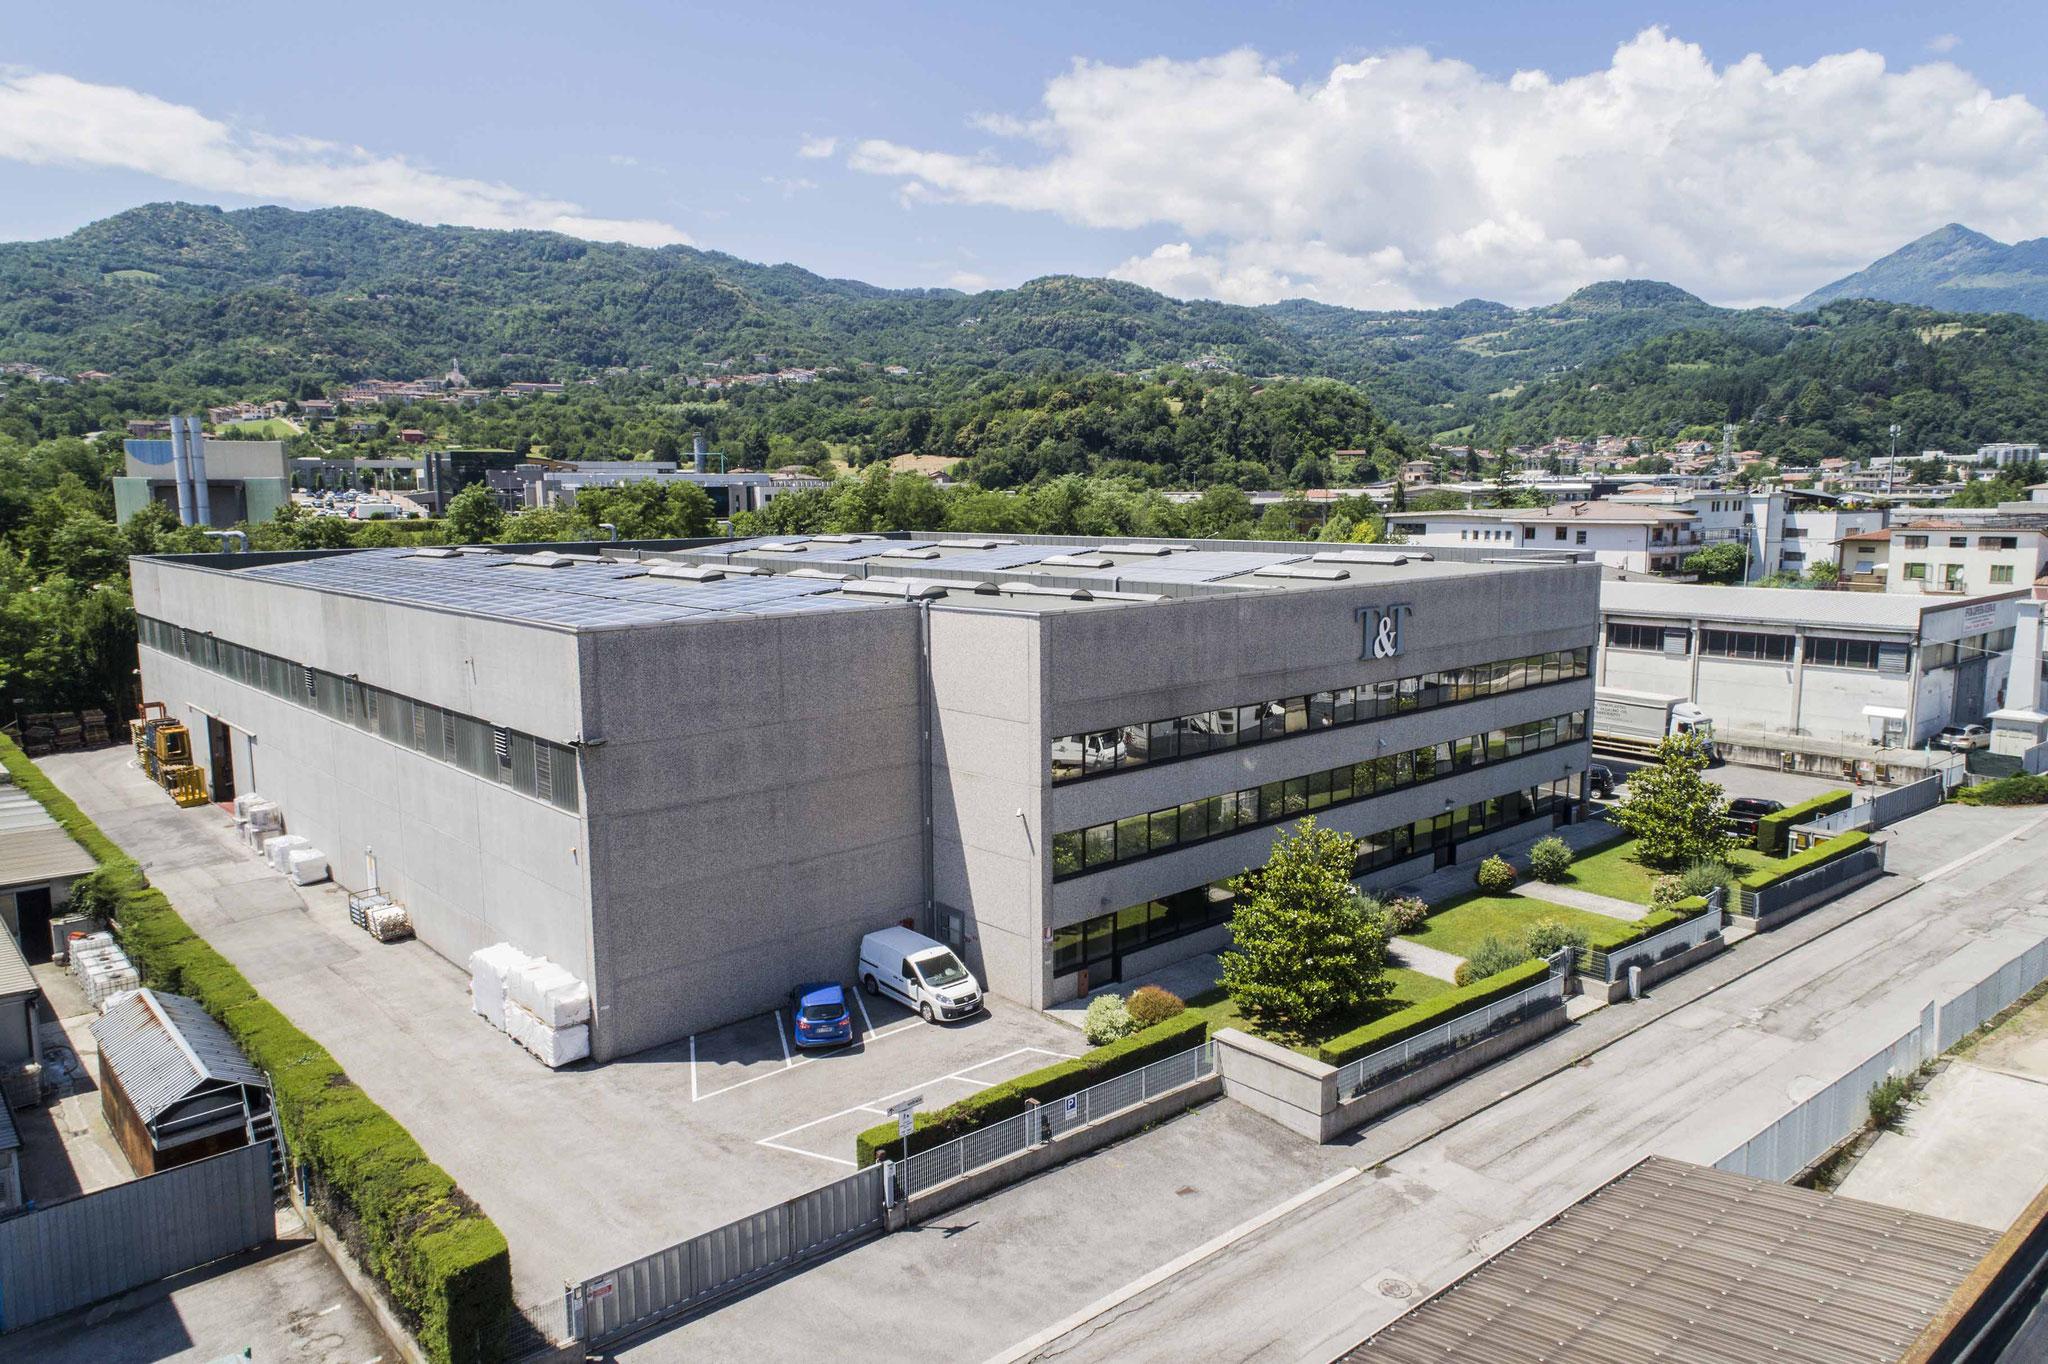 Das Recyclingunternehmen T&T. Auf dem Dach befinden sich die Photovoltaik-Anlagen mit dem der genutzte Strom generiert wird.